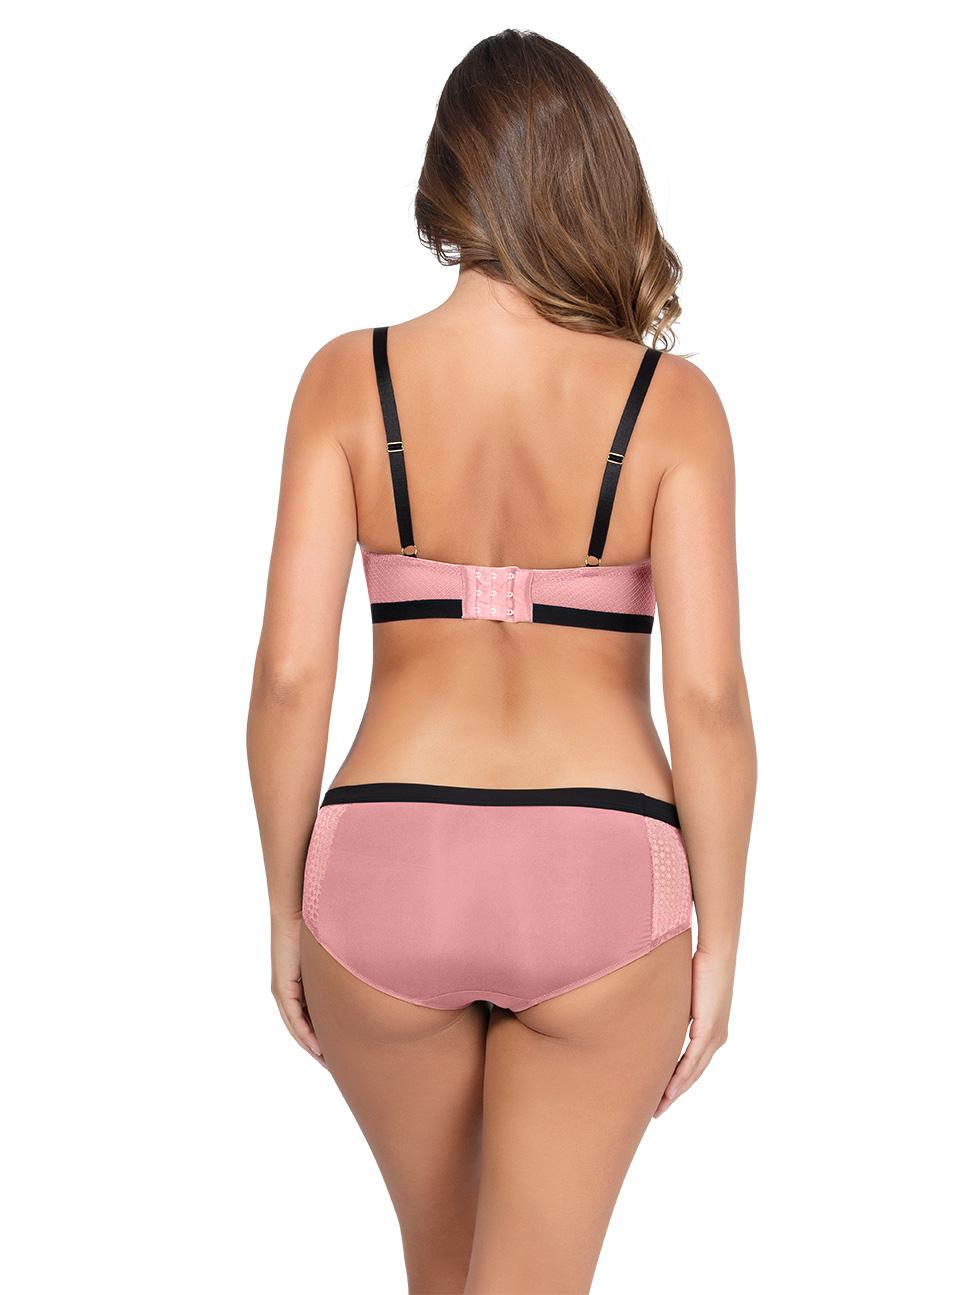 Romina UnlinedWireBraP5522 HipsterP5525 QuartzPink Back - Romina Unlined Wire Bra - Quartz Pink - P5522